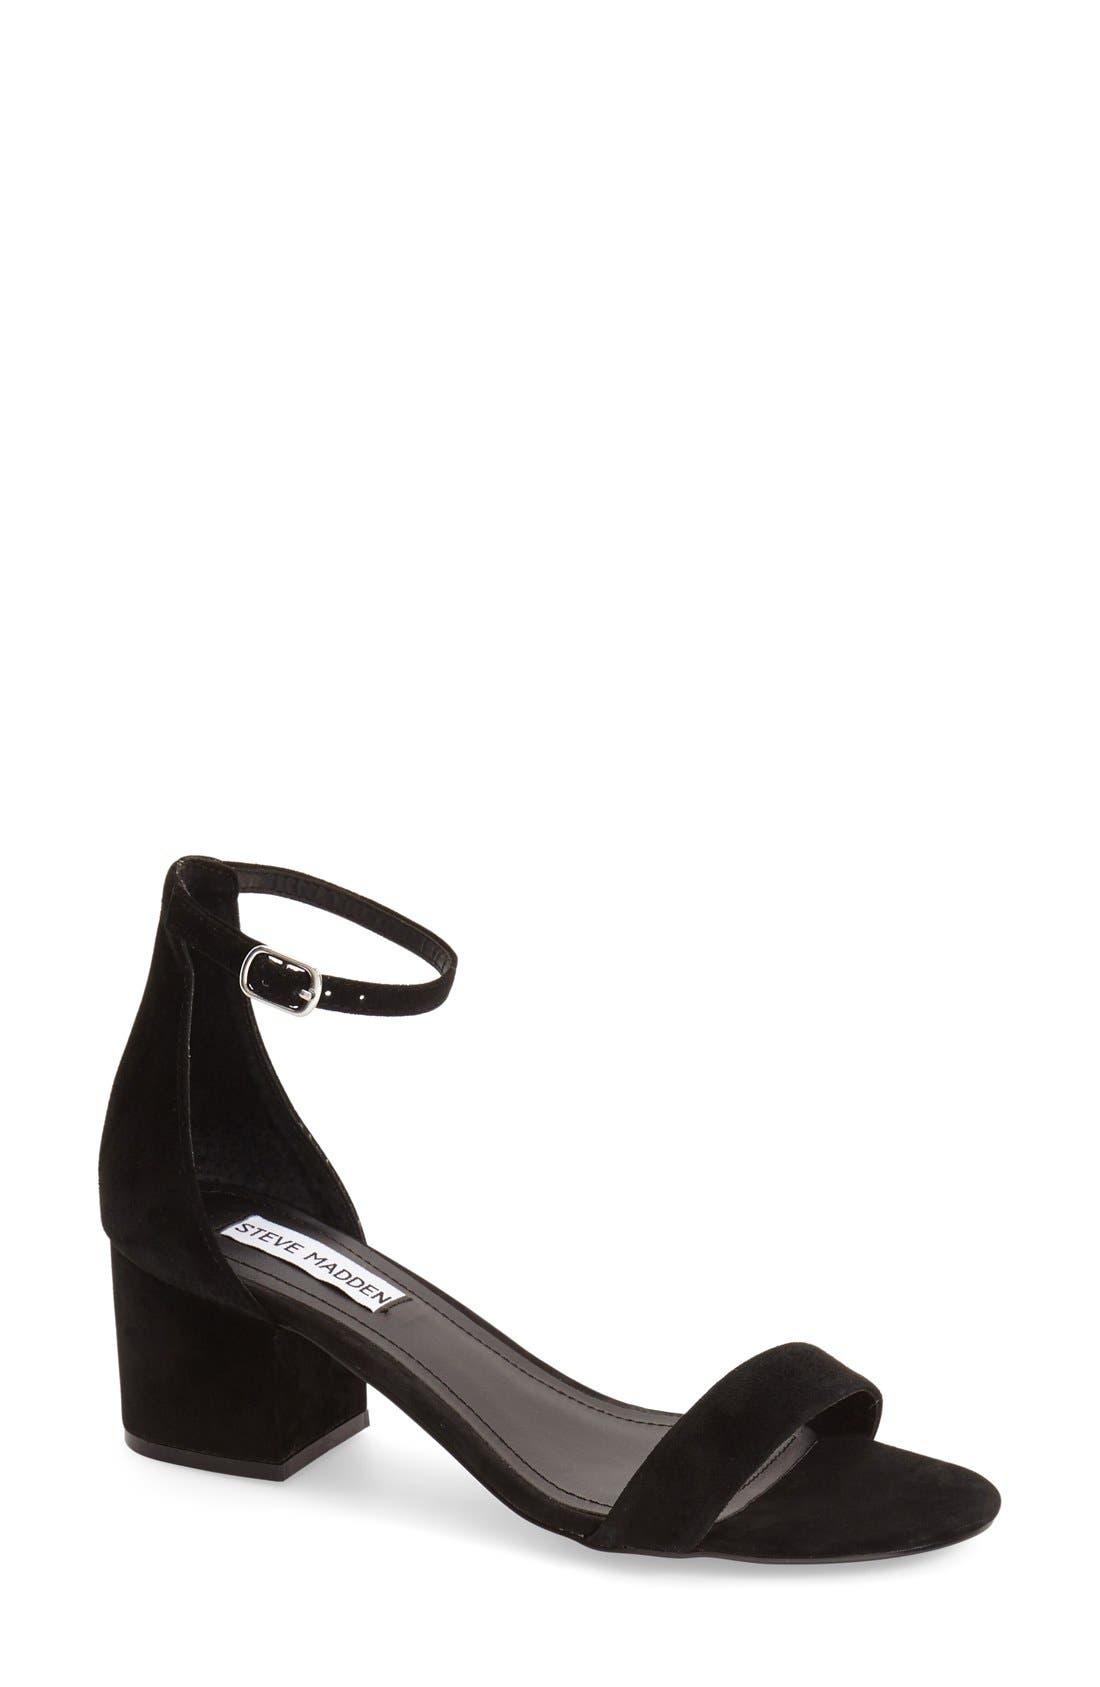 STEVE MADDEN Irenee Ankle Strap Sandal, Main, color, BLACK SUEDE